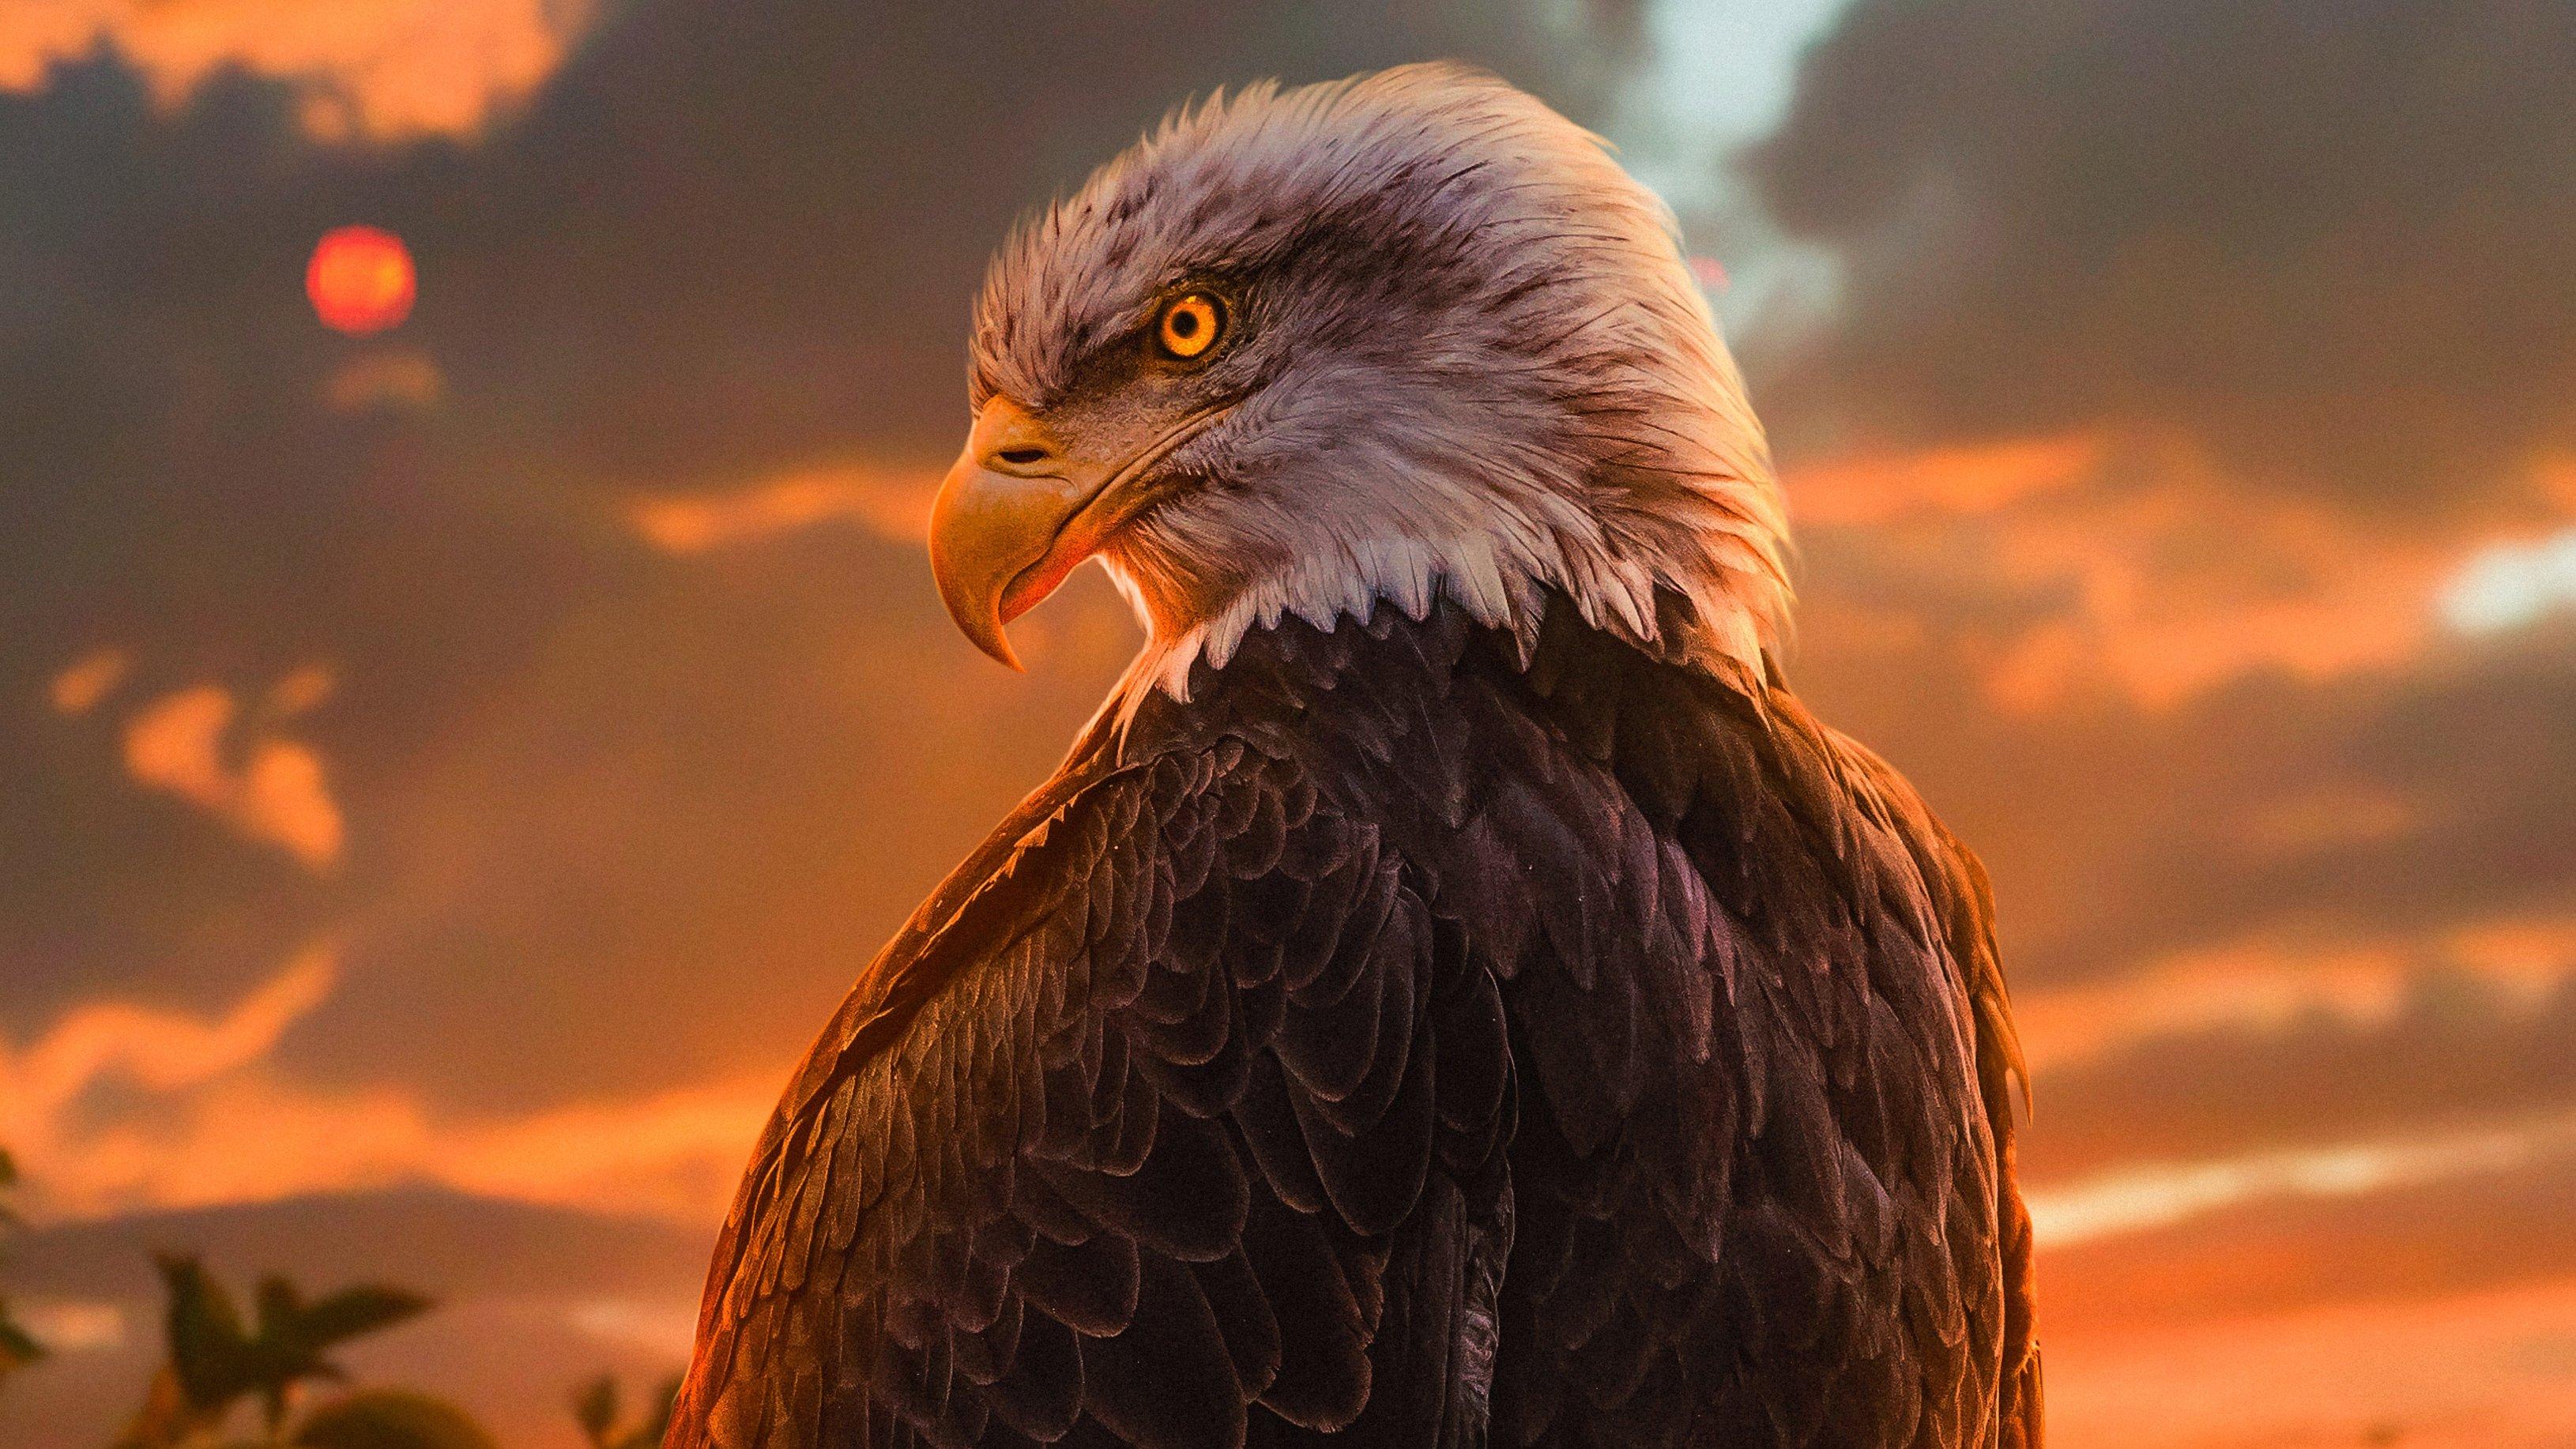 Wallpaper Eagle